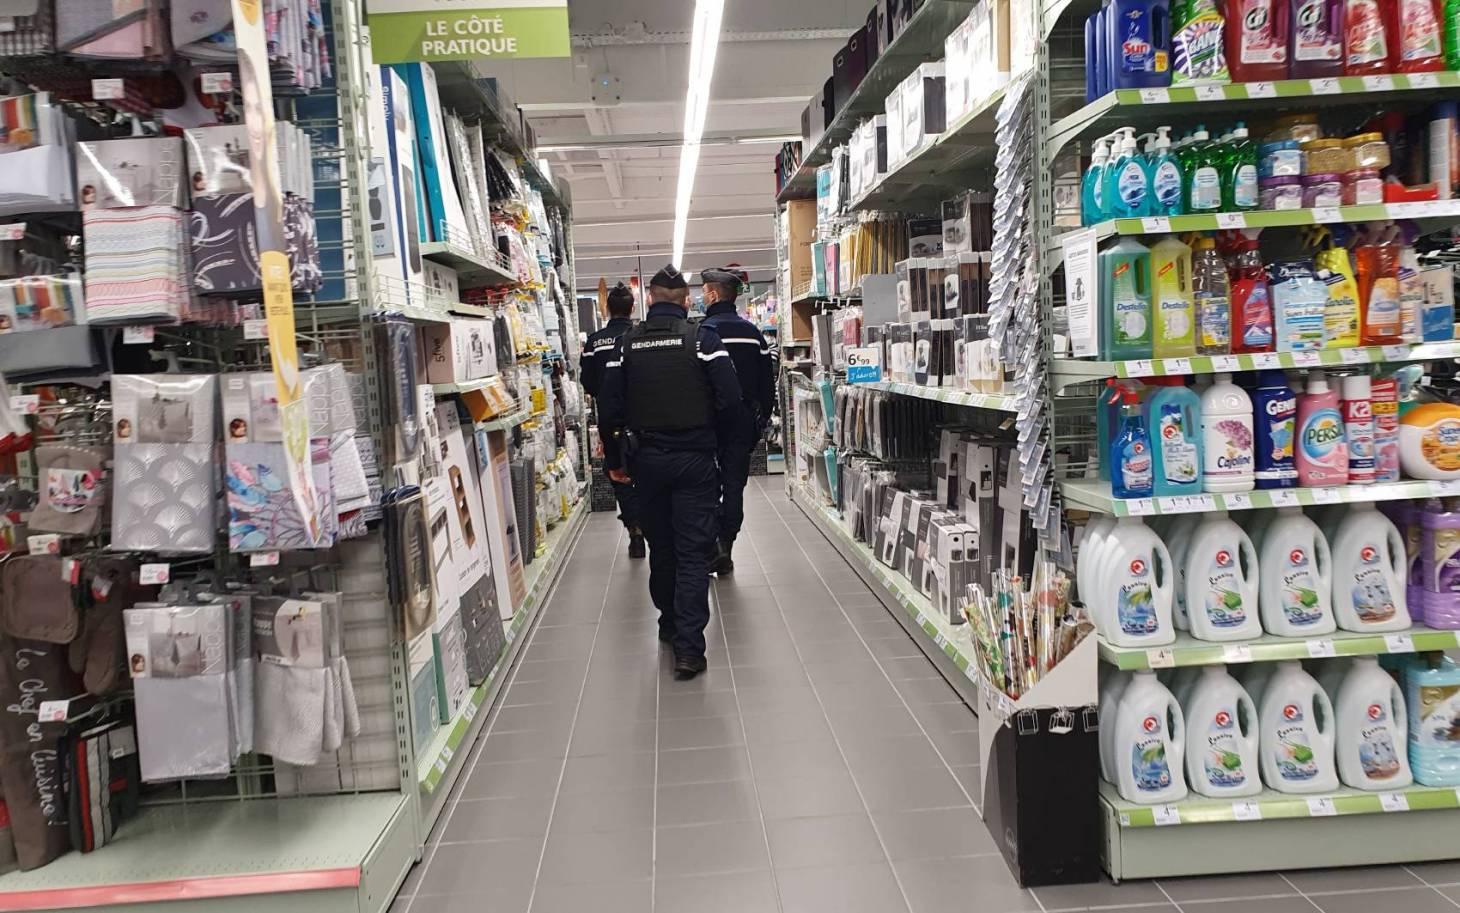 Poitiers : Auchan, Leclerc et Géant Casino contraints de fermer leurs galeries commerciales